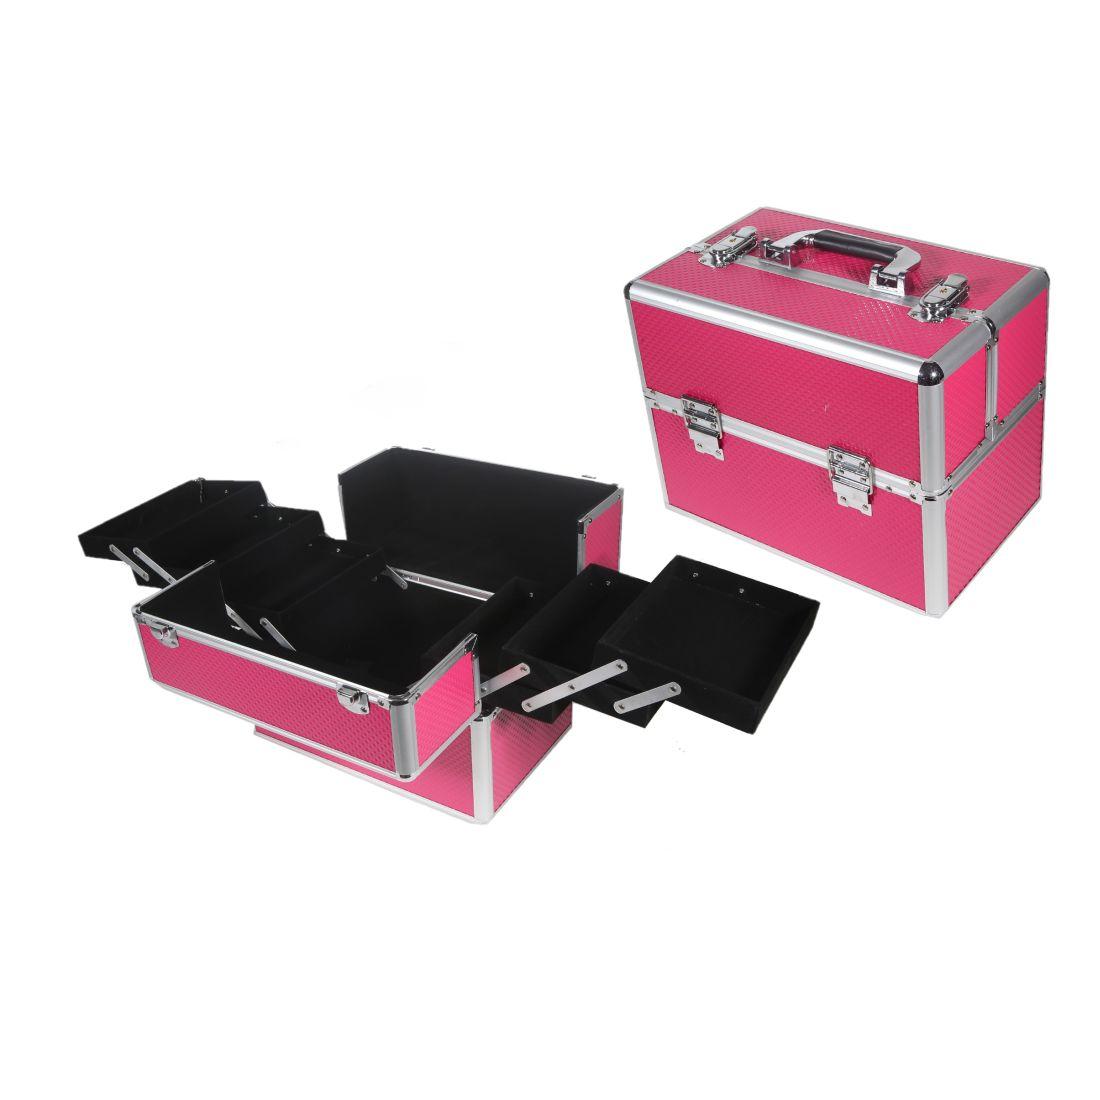 af59623b23 Ro-Ro Accessories Επαγγελματικό Βαλιτσάκι Καλλυντικών Φούξια